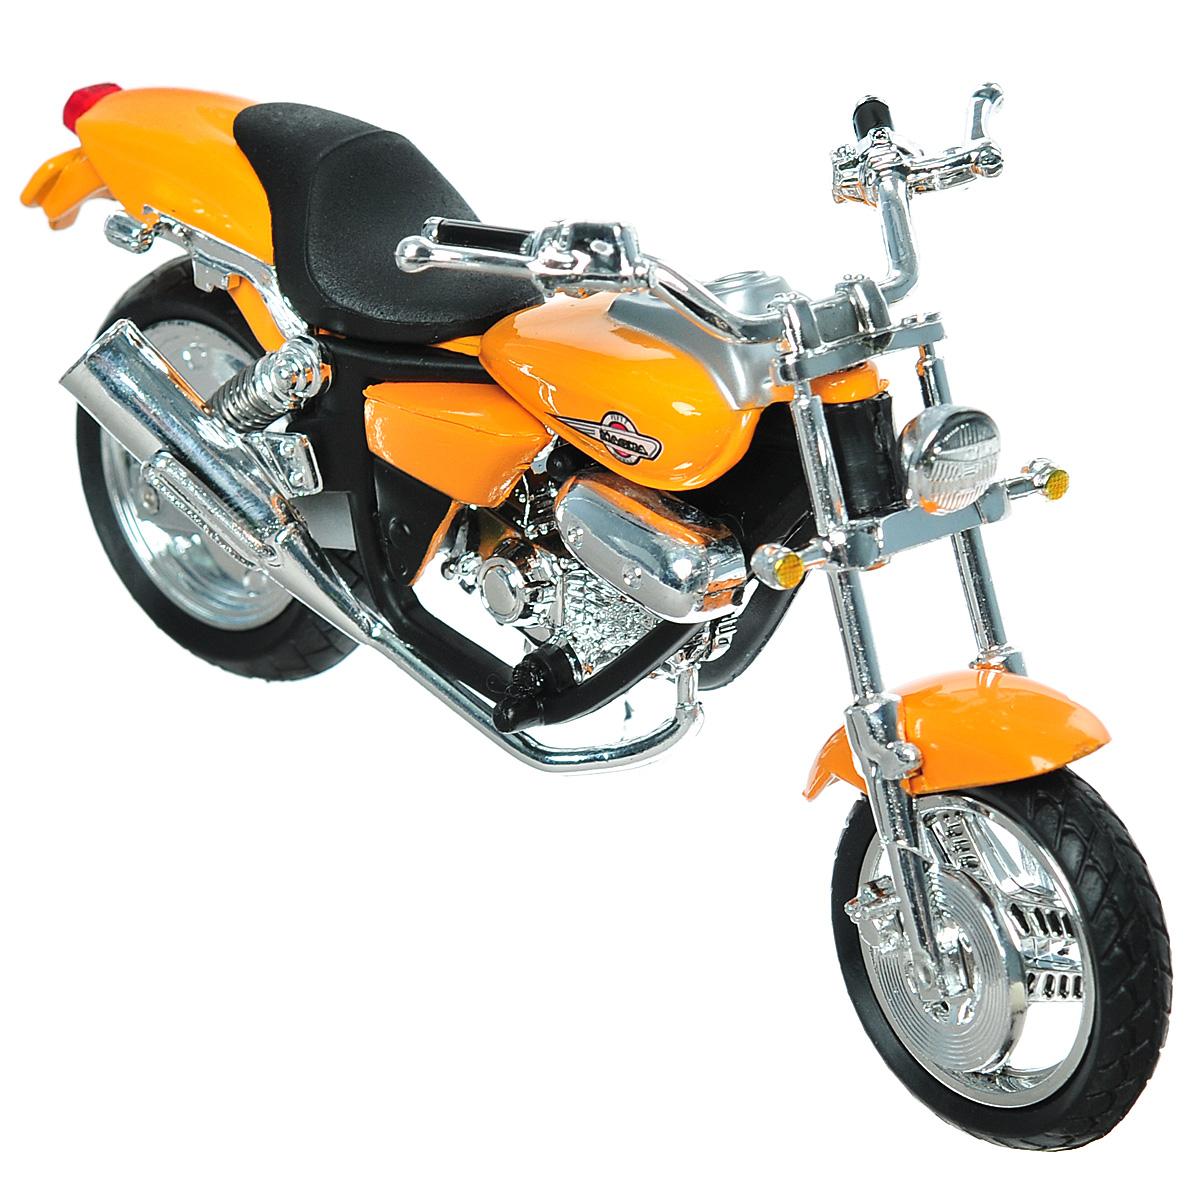 Autotime Коллекционная модель мотоцикла Honda Magna, цвет: оранжевый. Масштаб 1/18